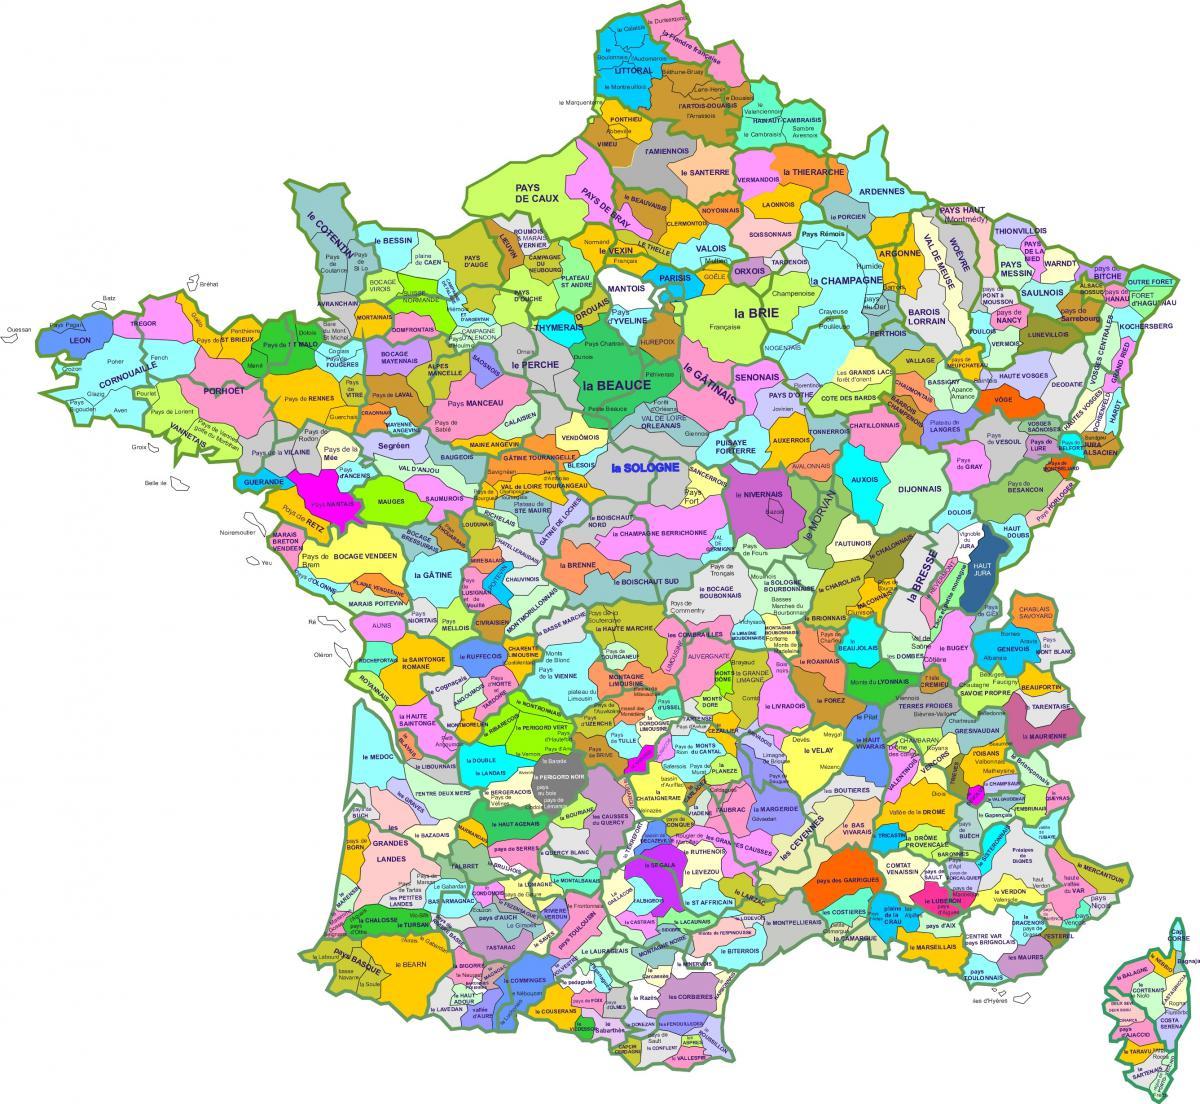 Les nombreux pays de France.